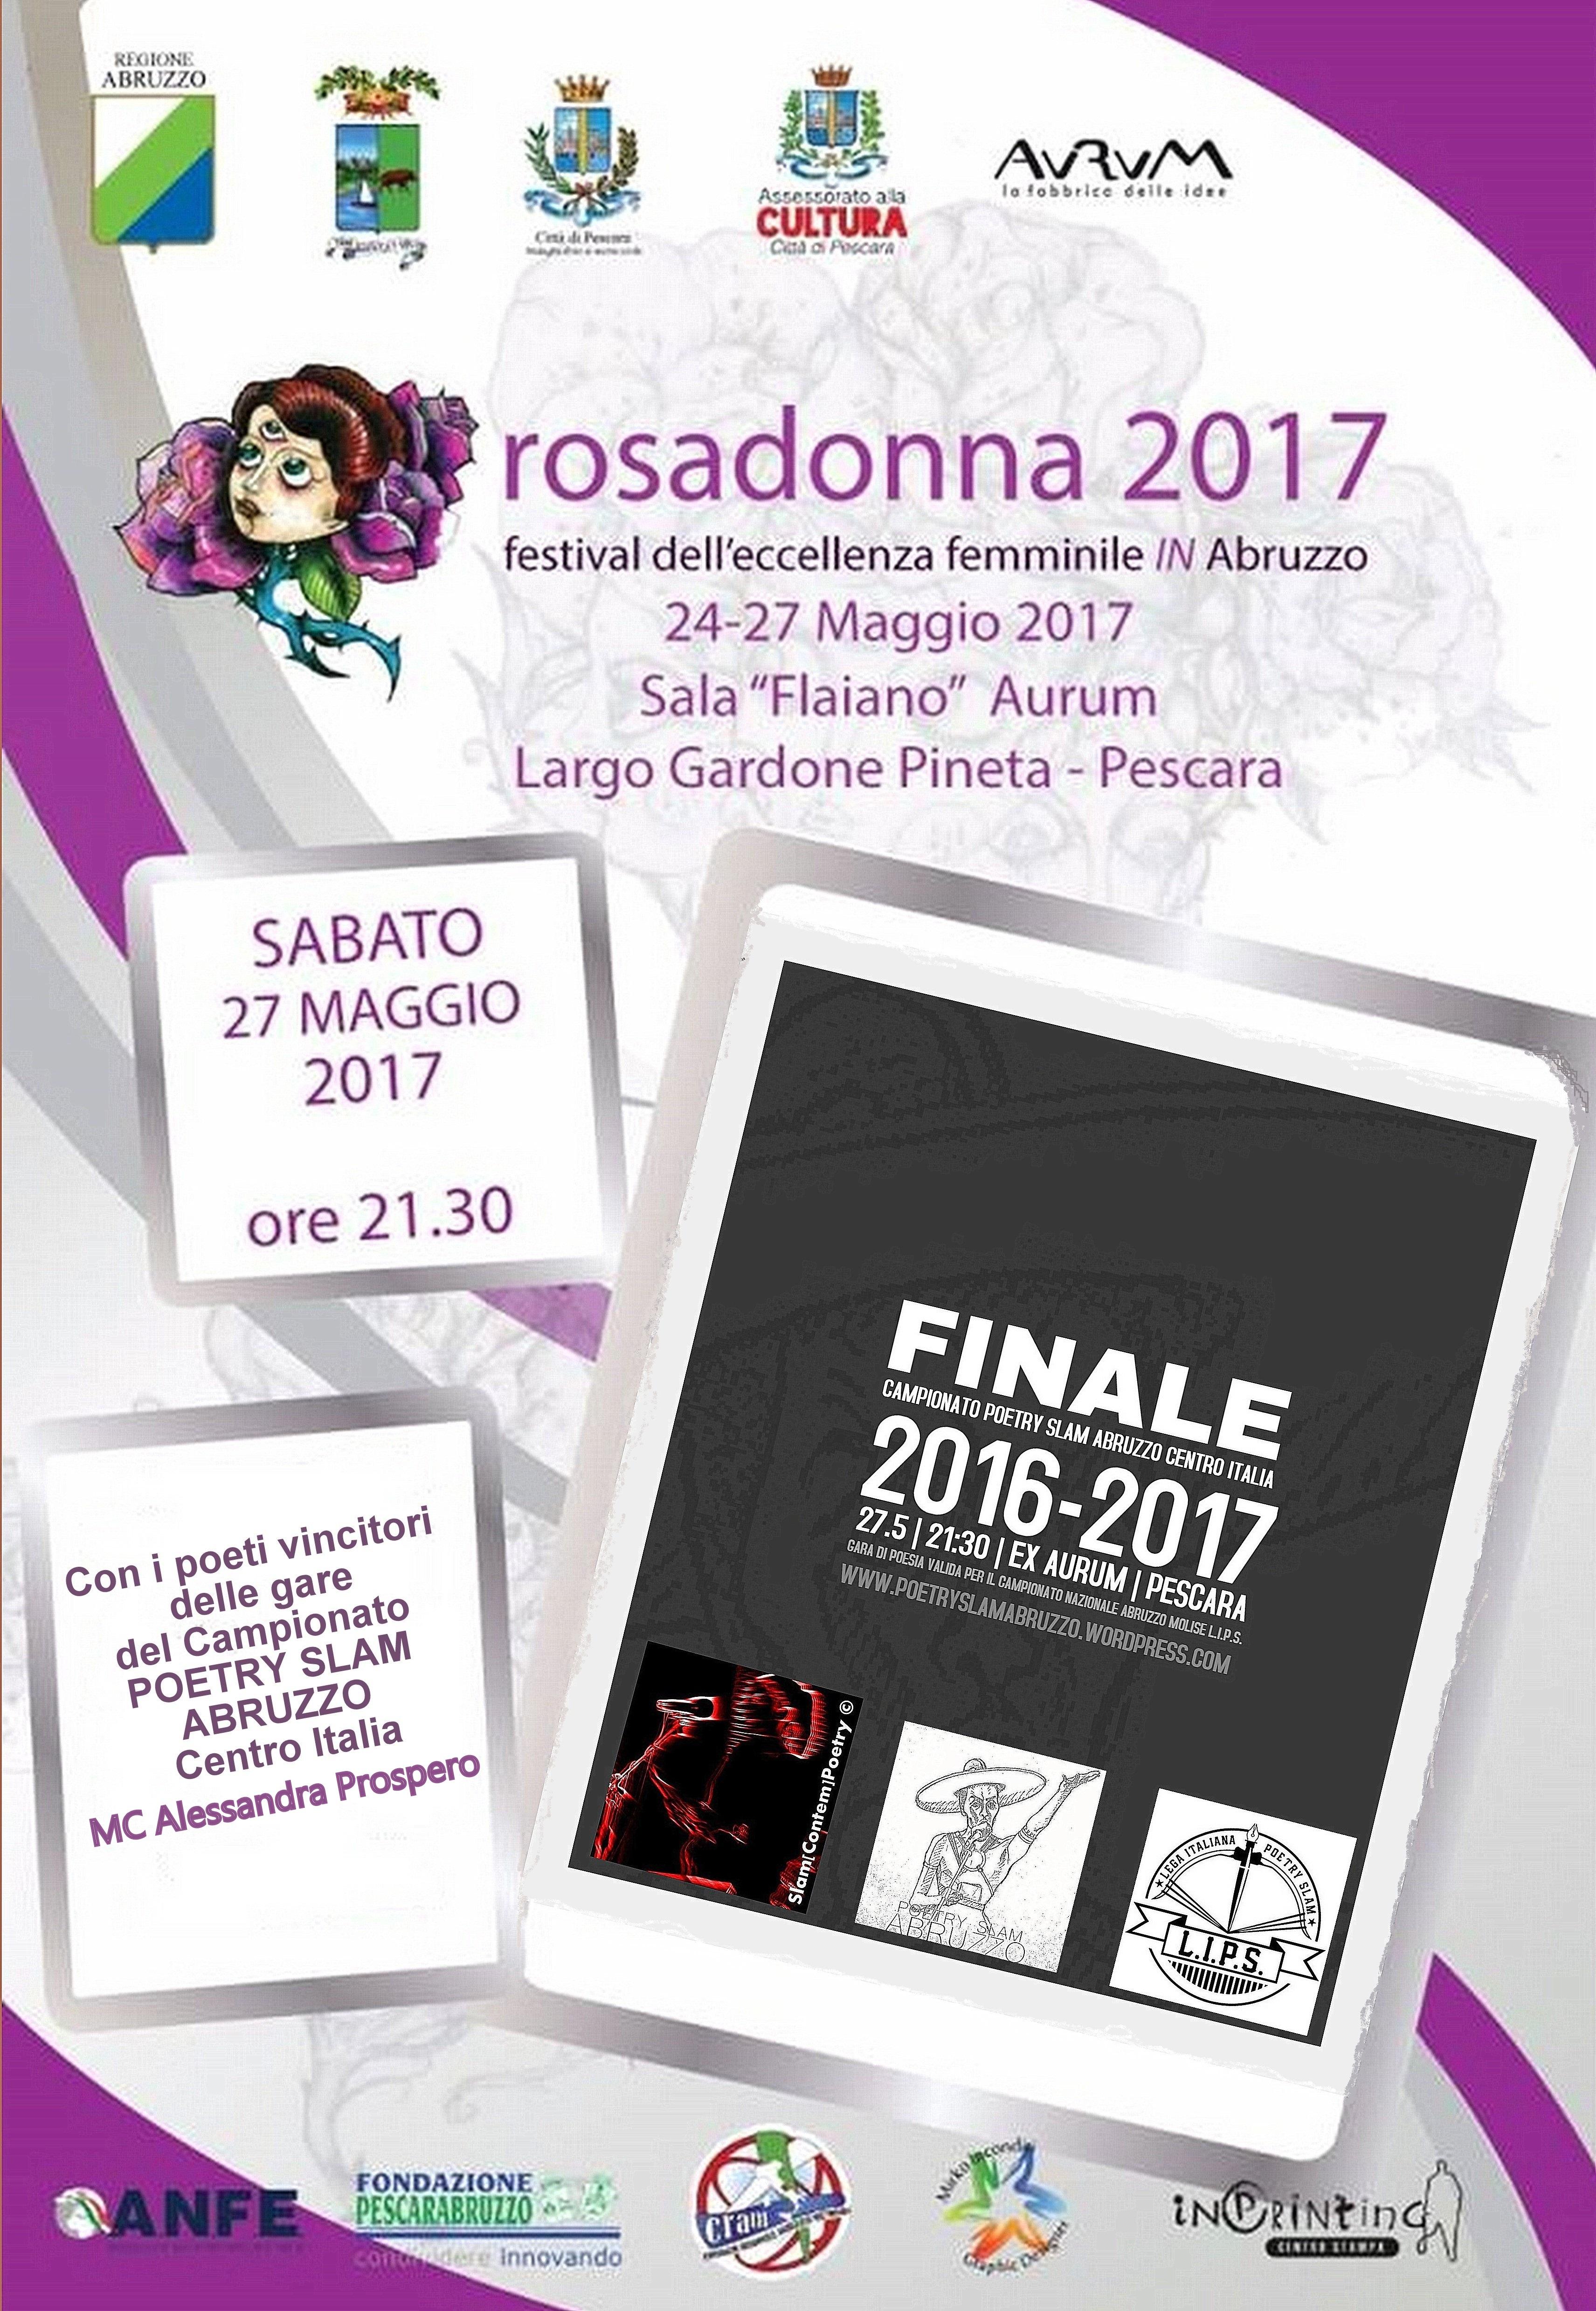 Lcandina Finale POETRY SLAM 2016_2017 - Copia.jpg